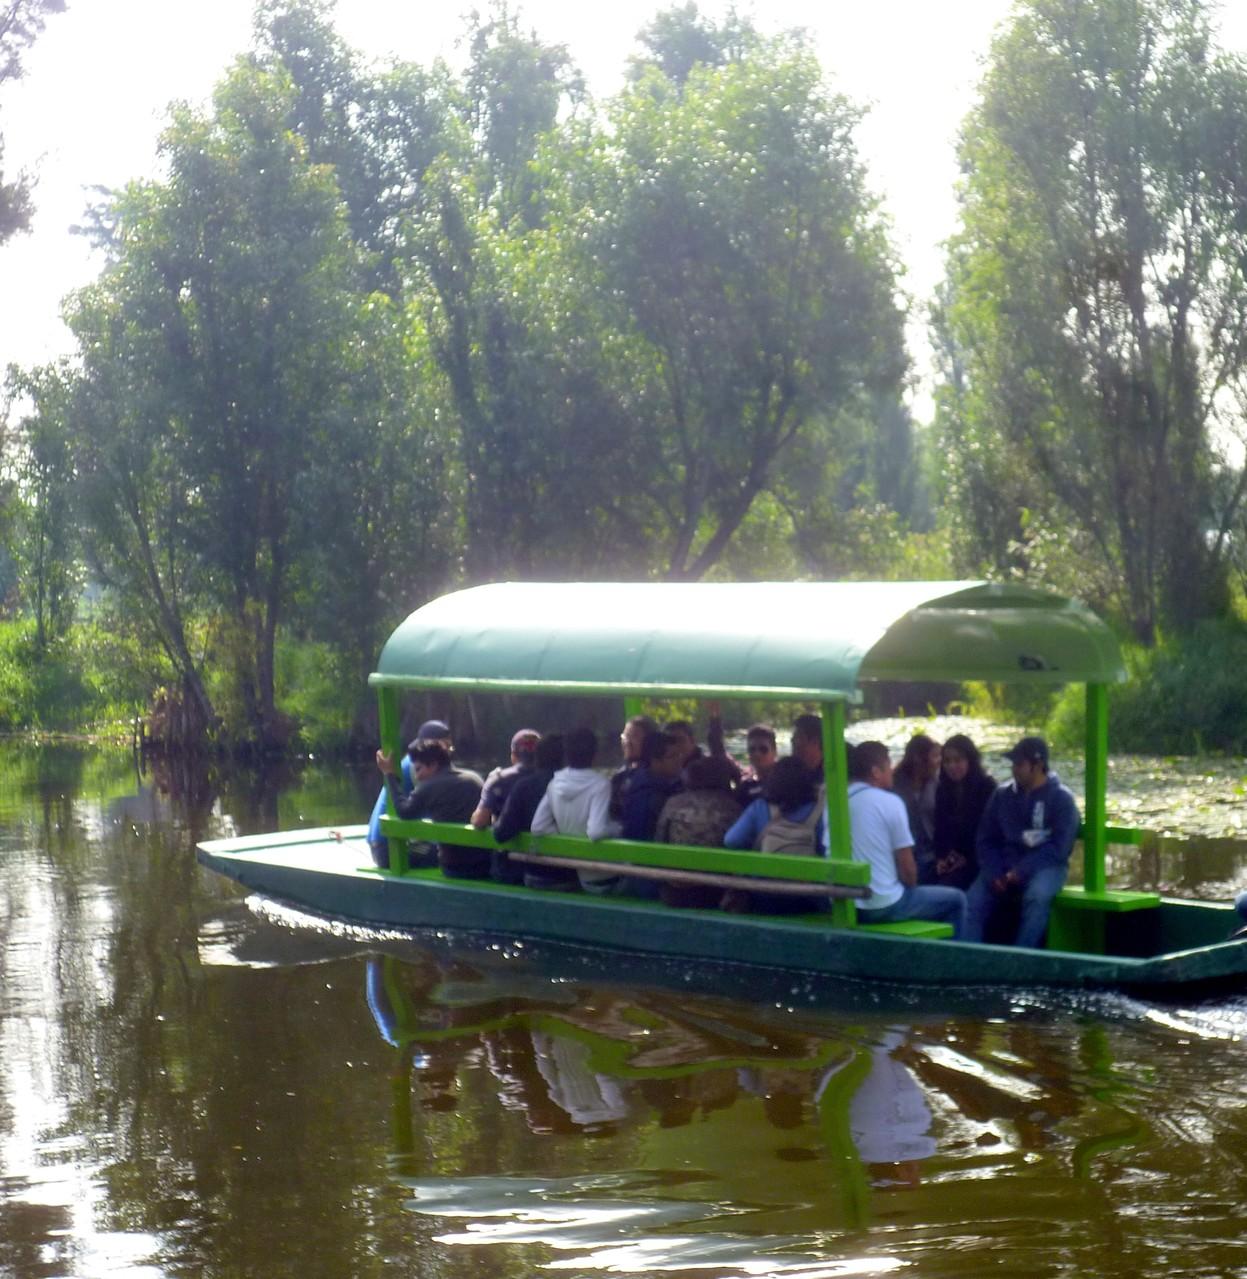 Puedes realizar diferente recorridos en trajinera por la reserva ecológica de Xochimilco.